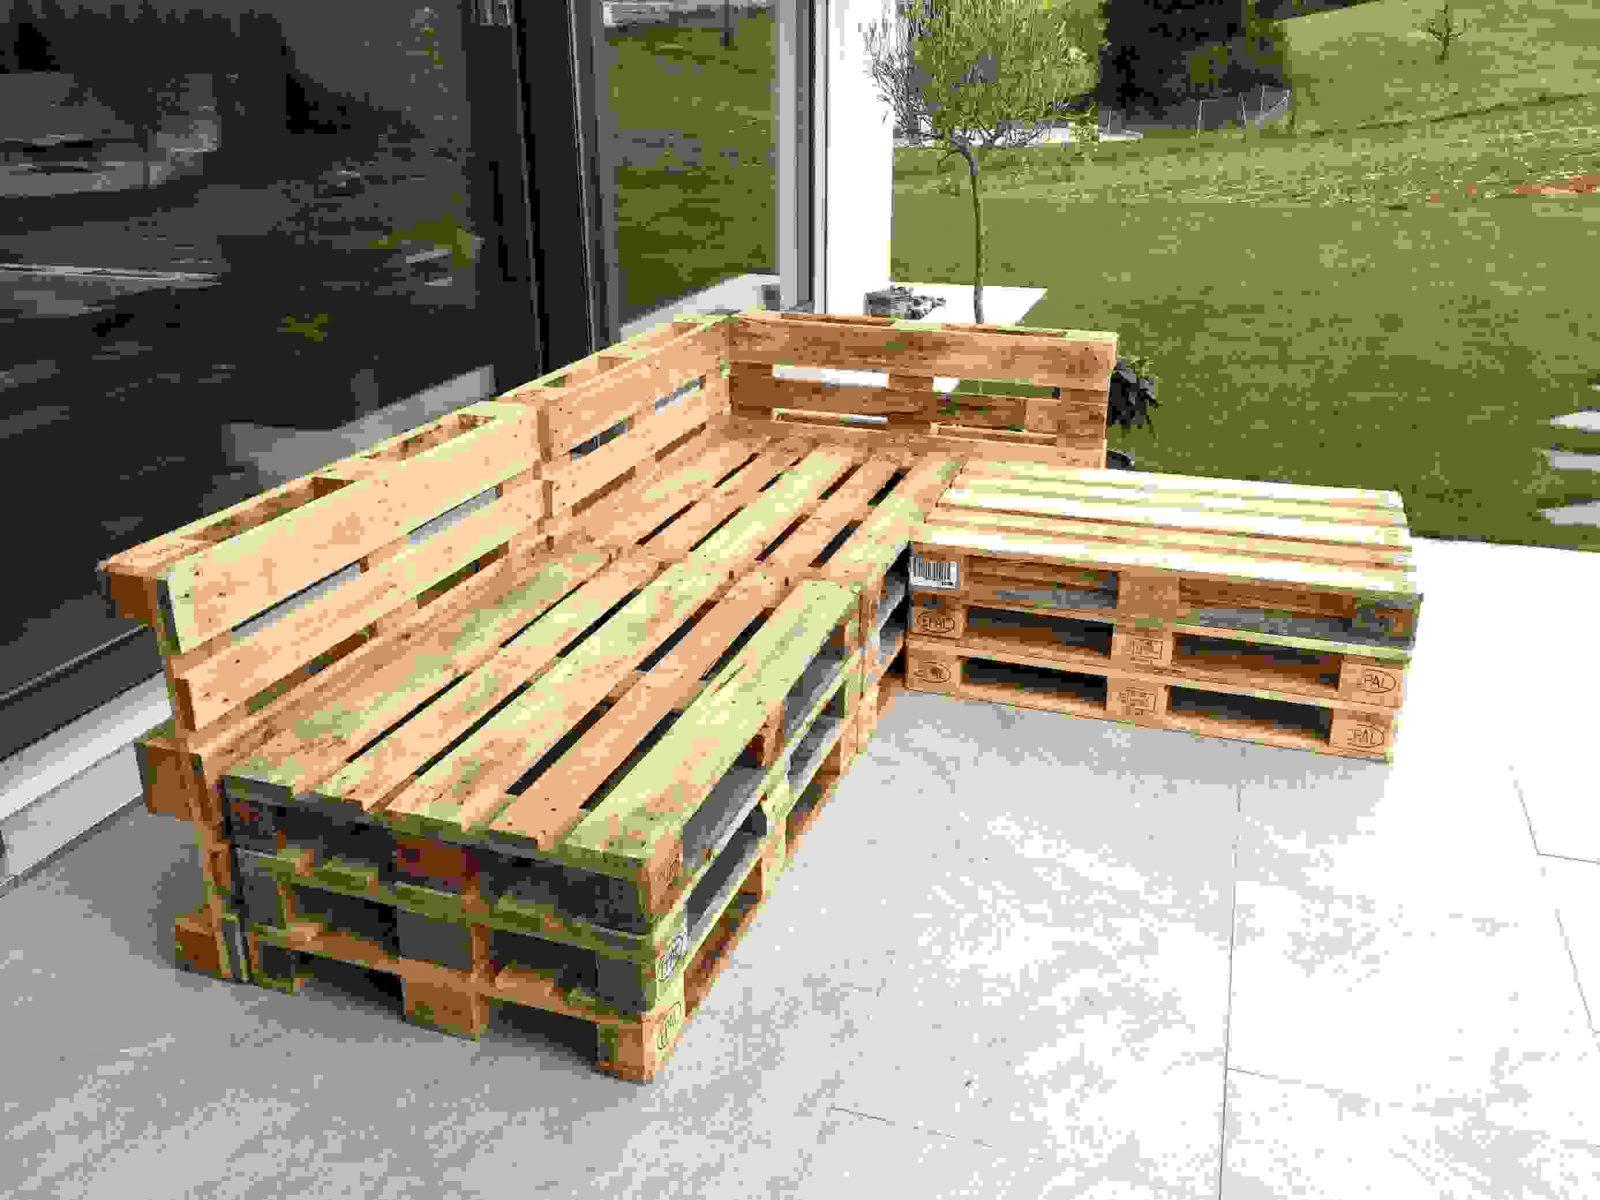 100 Eckbank Aus Paletten Anleitung Bilder Ideen von Eckbank Garten Selber Bauen Bild